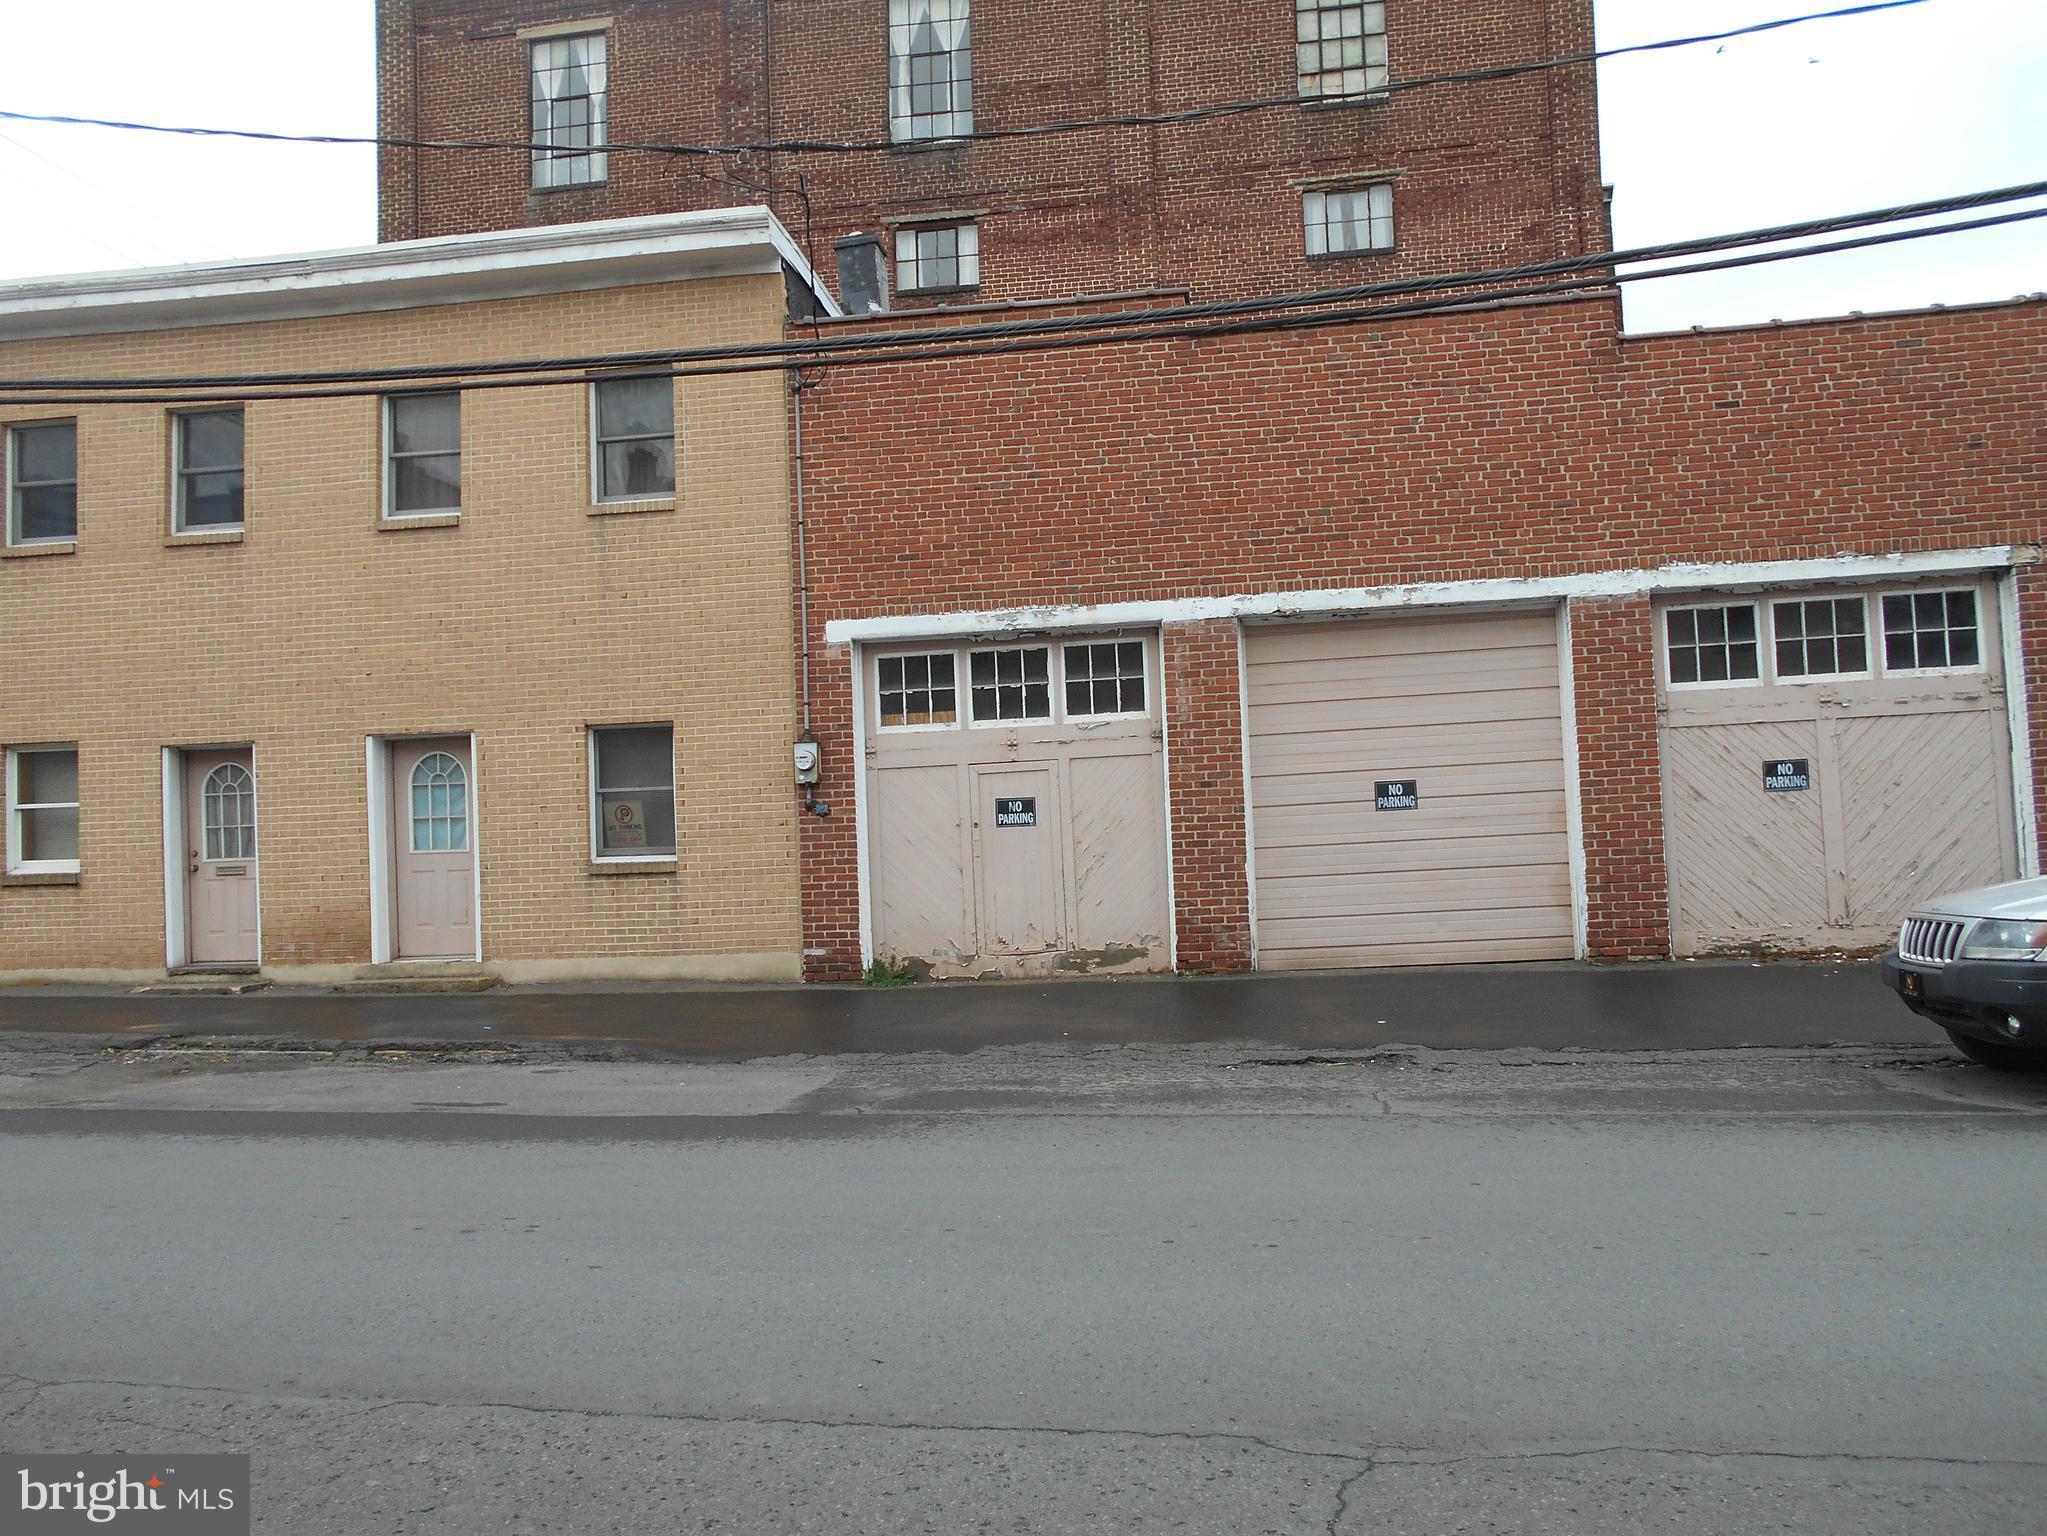 28 W LLOYD STREET, SHENANDOAH, PA 17976